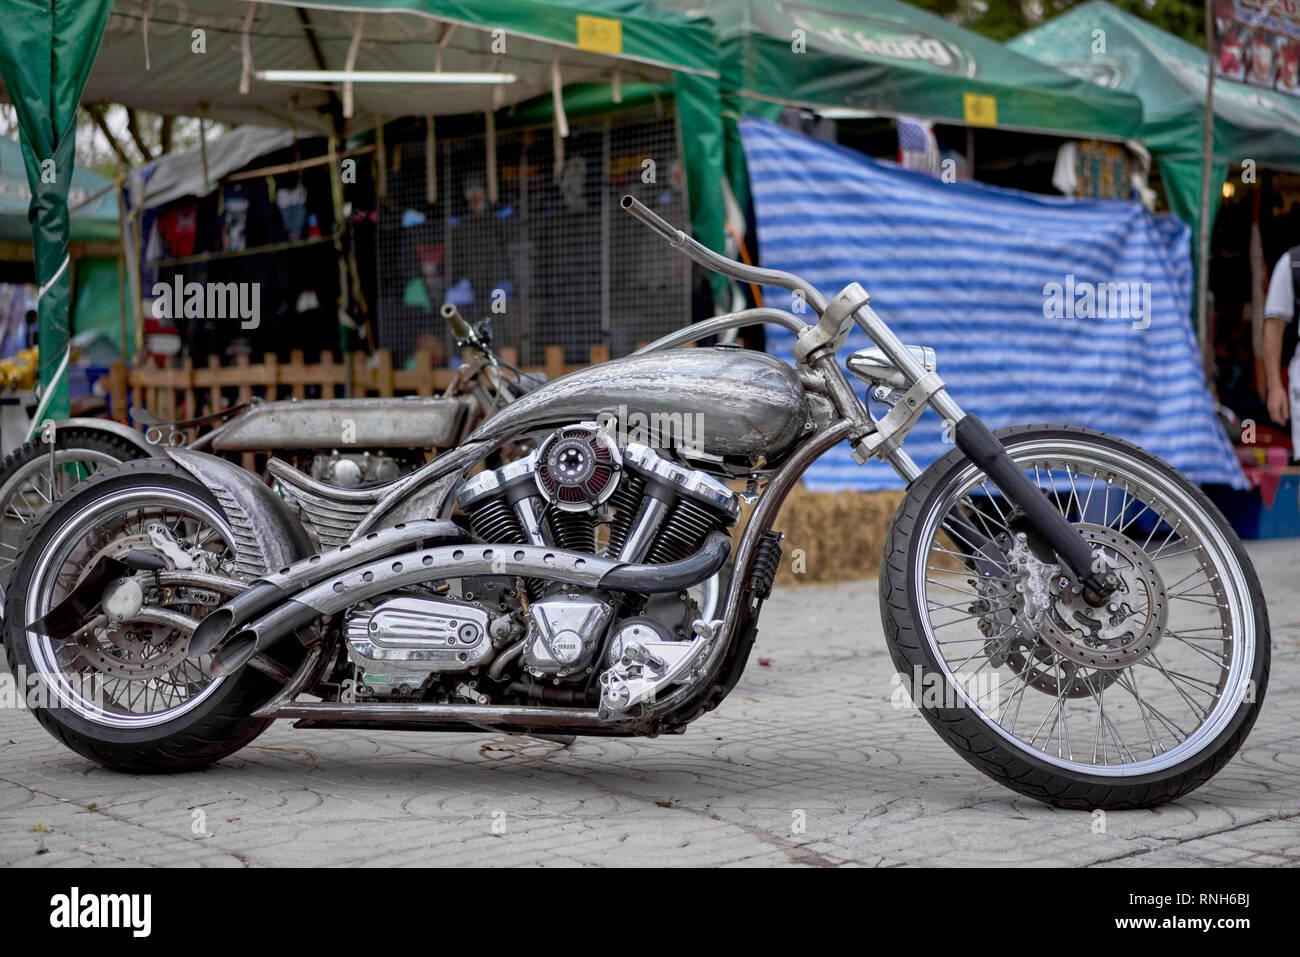 Chopper motorcycle.Yamaha customized motorbike - Stock Image